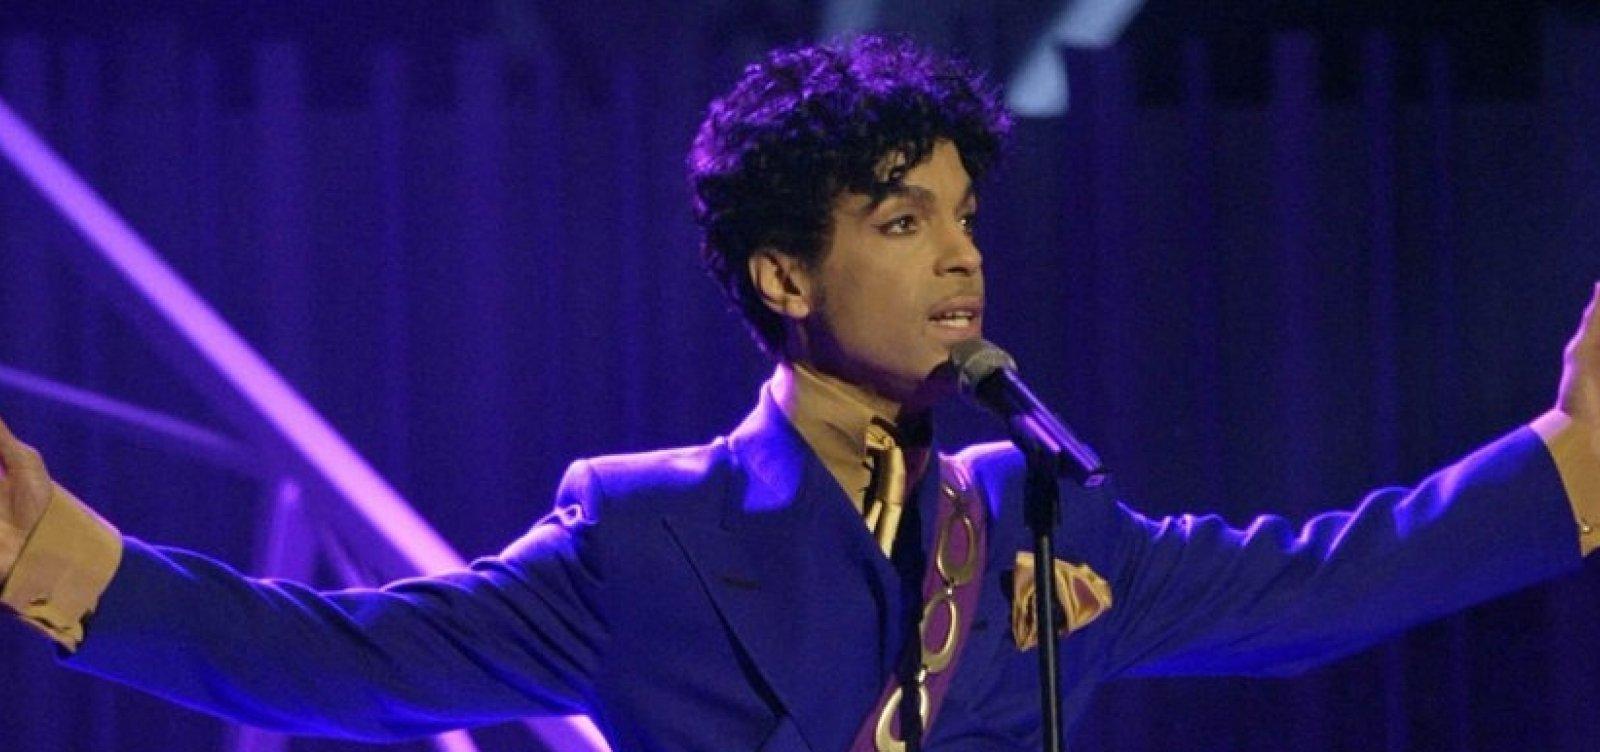 Biografia de Prince com capítulos escritos pelo próprio será lançada em outubro